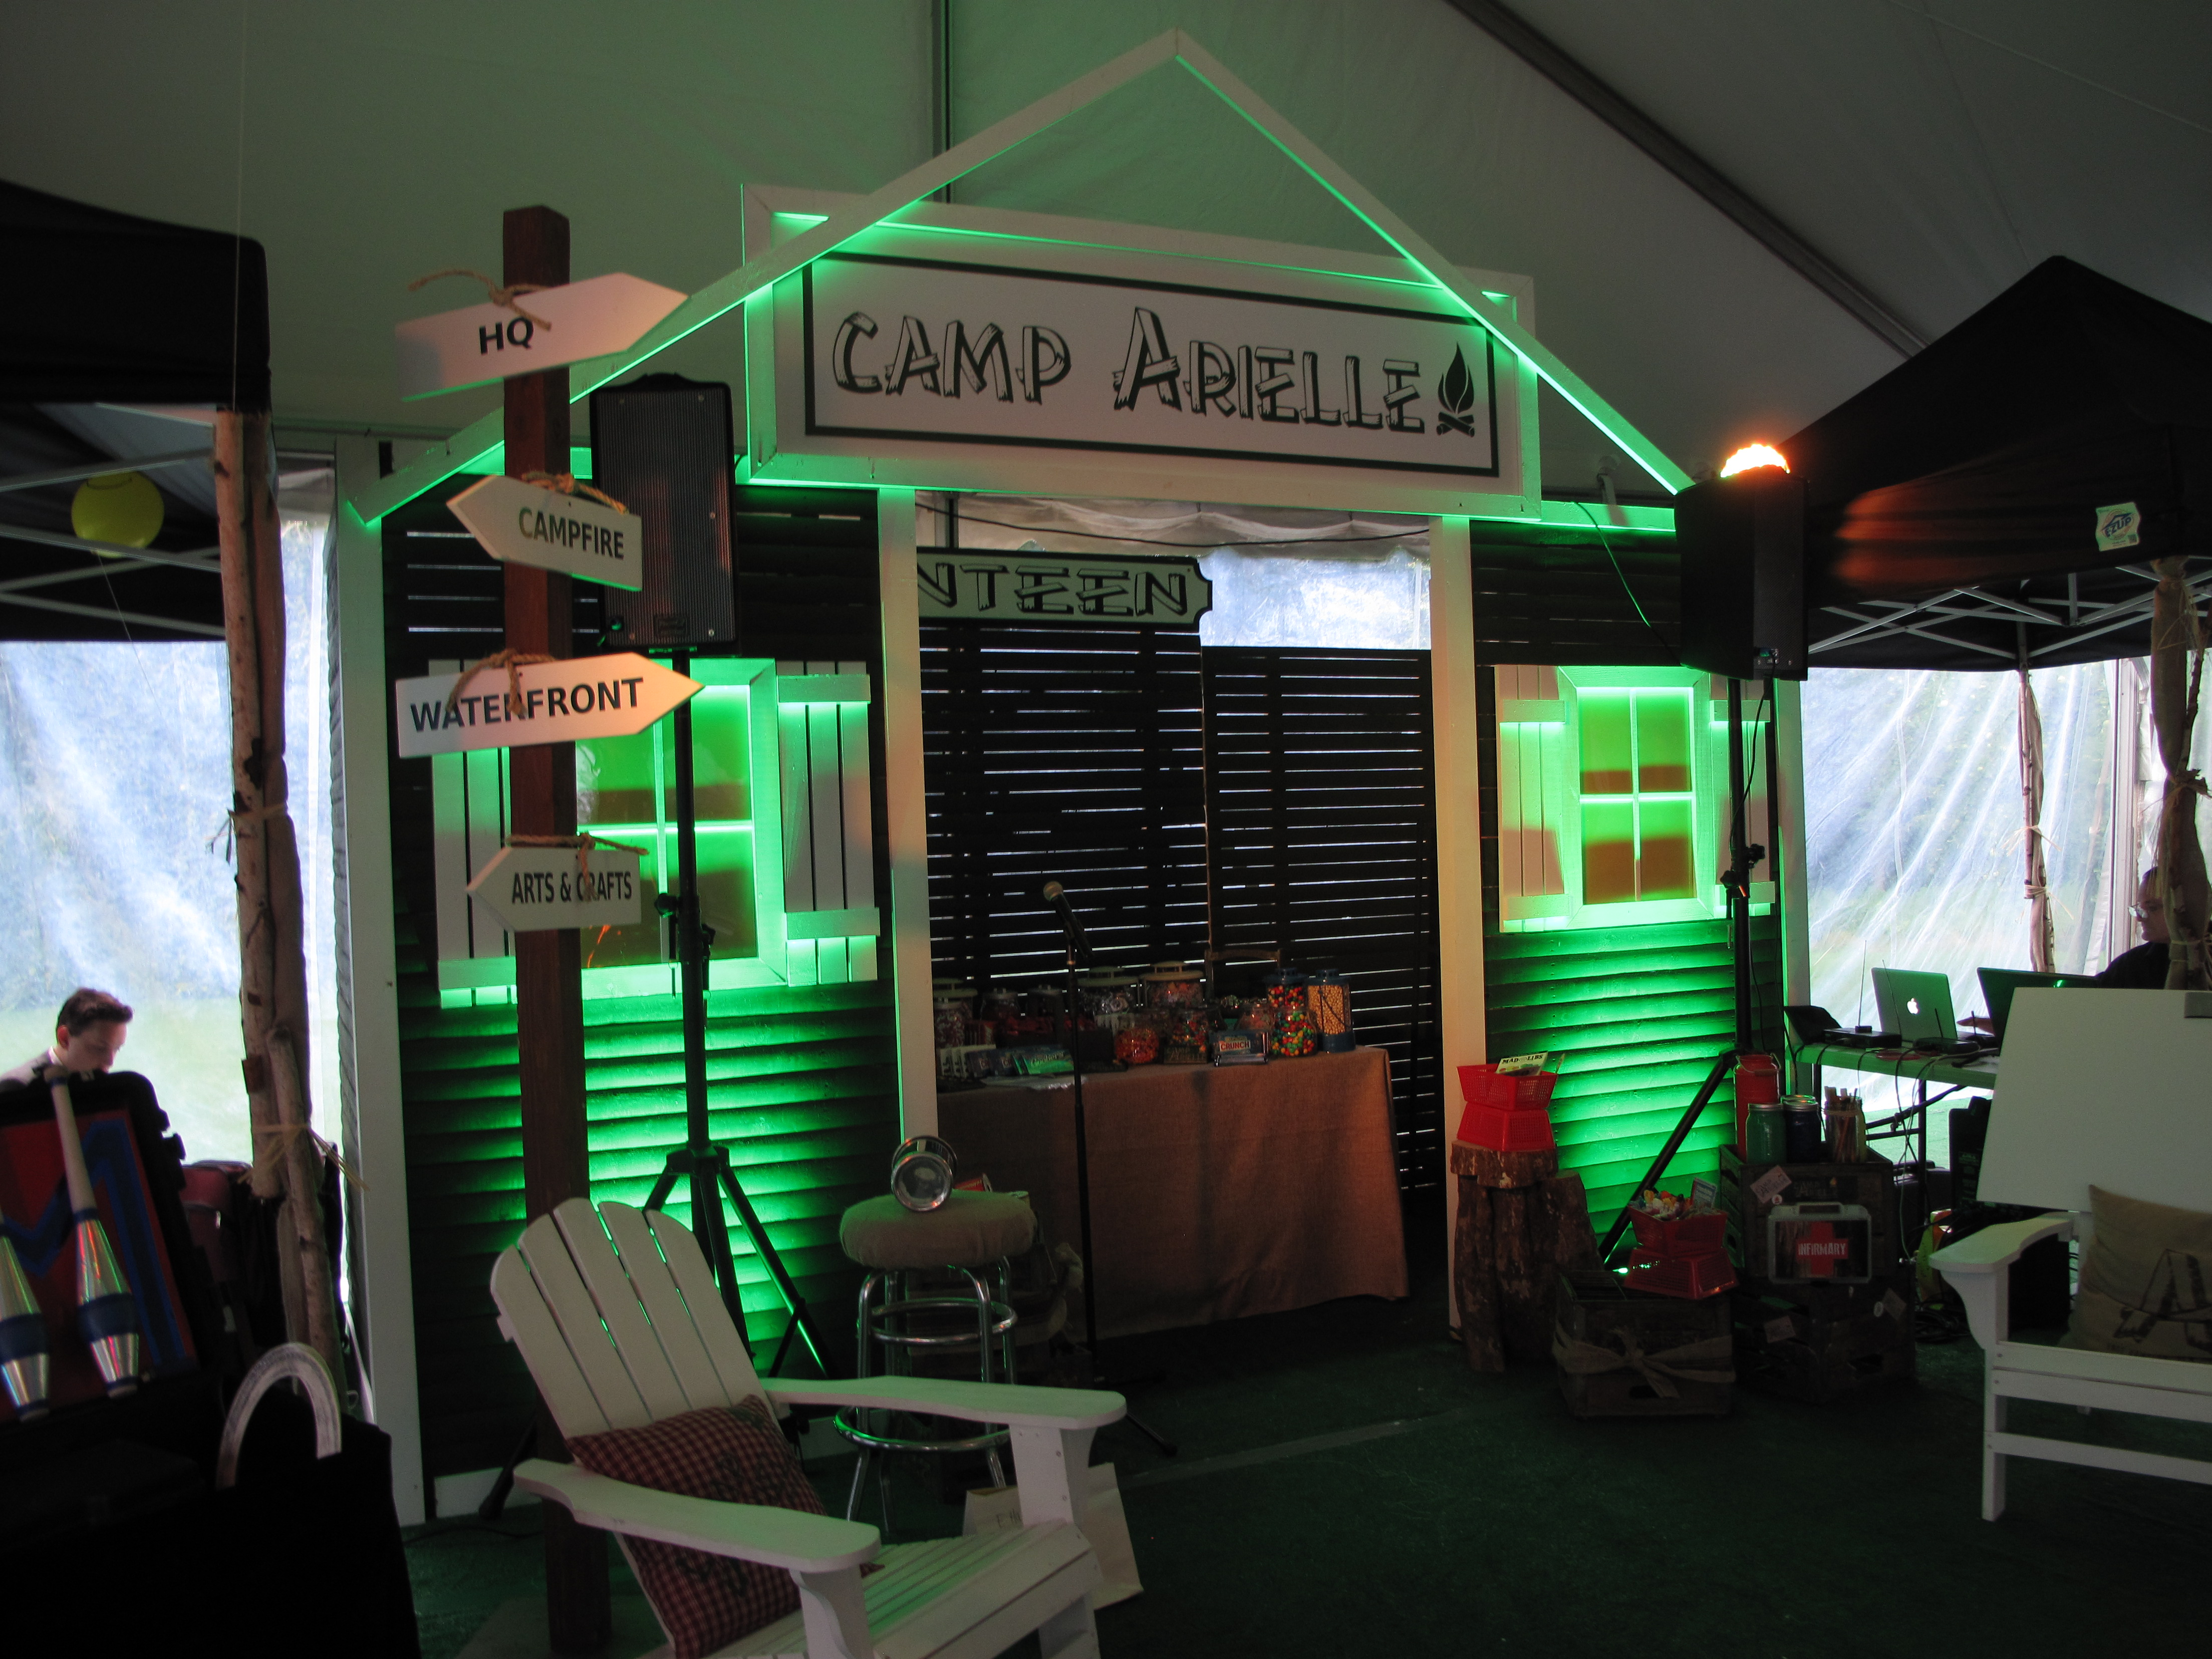 Camp Arielle